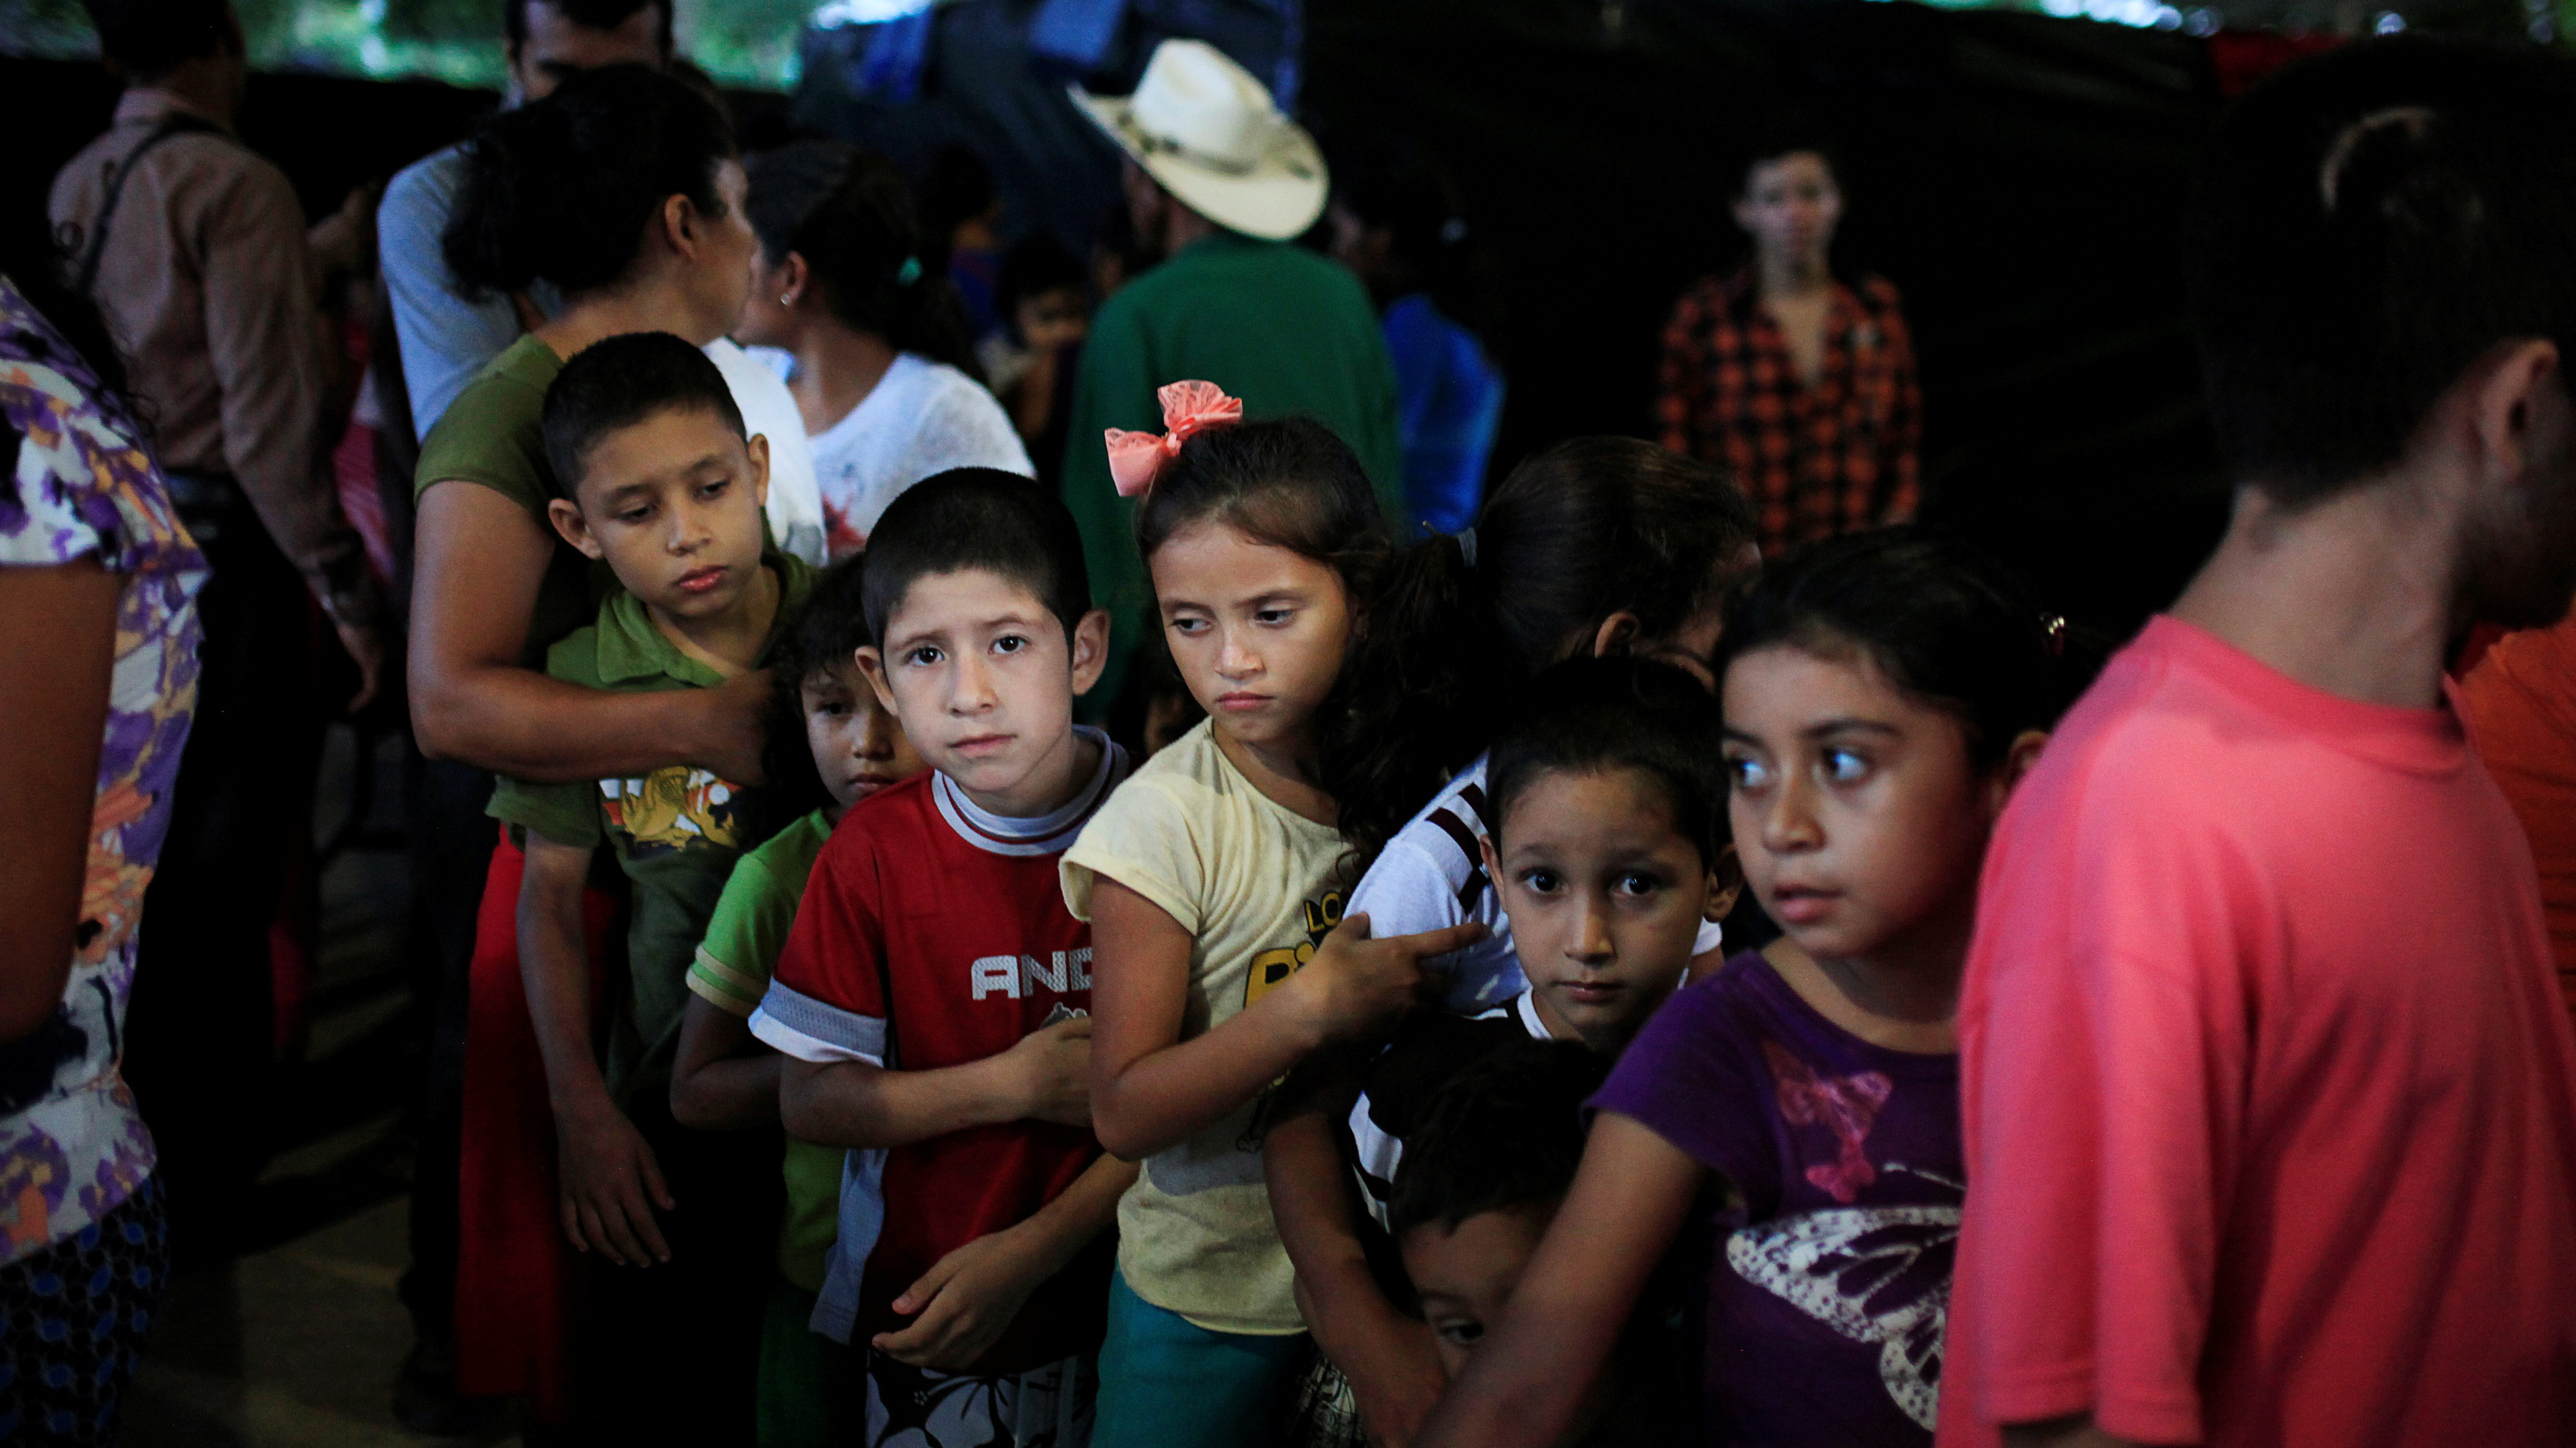 Children displaced by gang violence in El Salvador